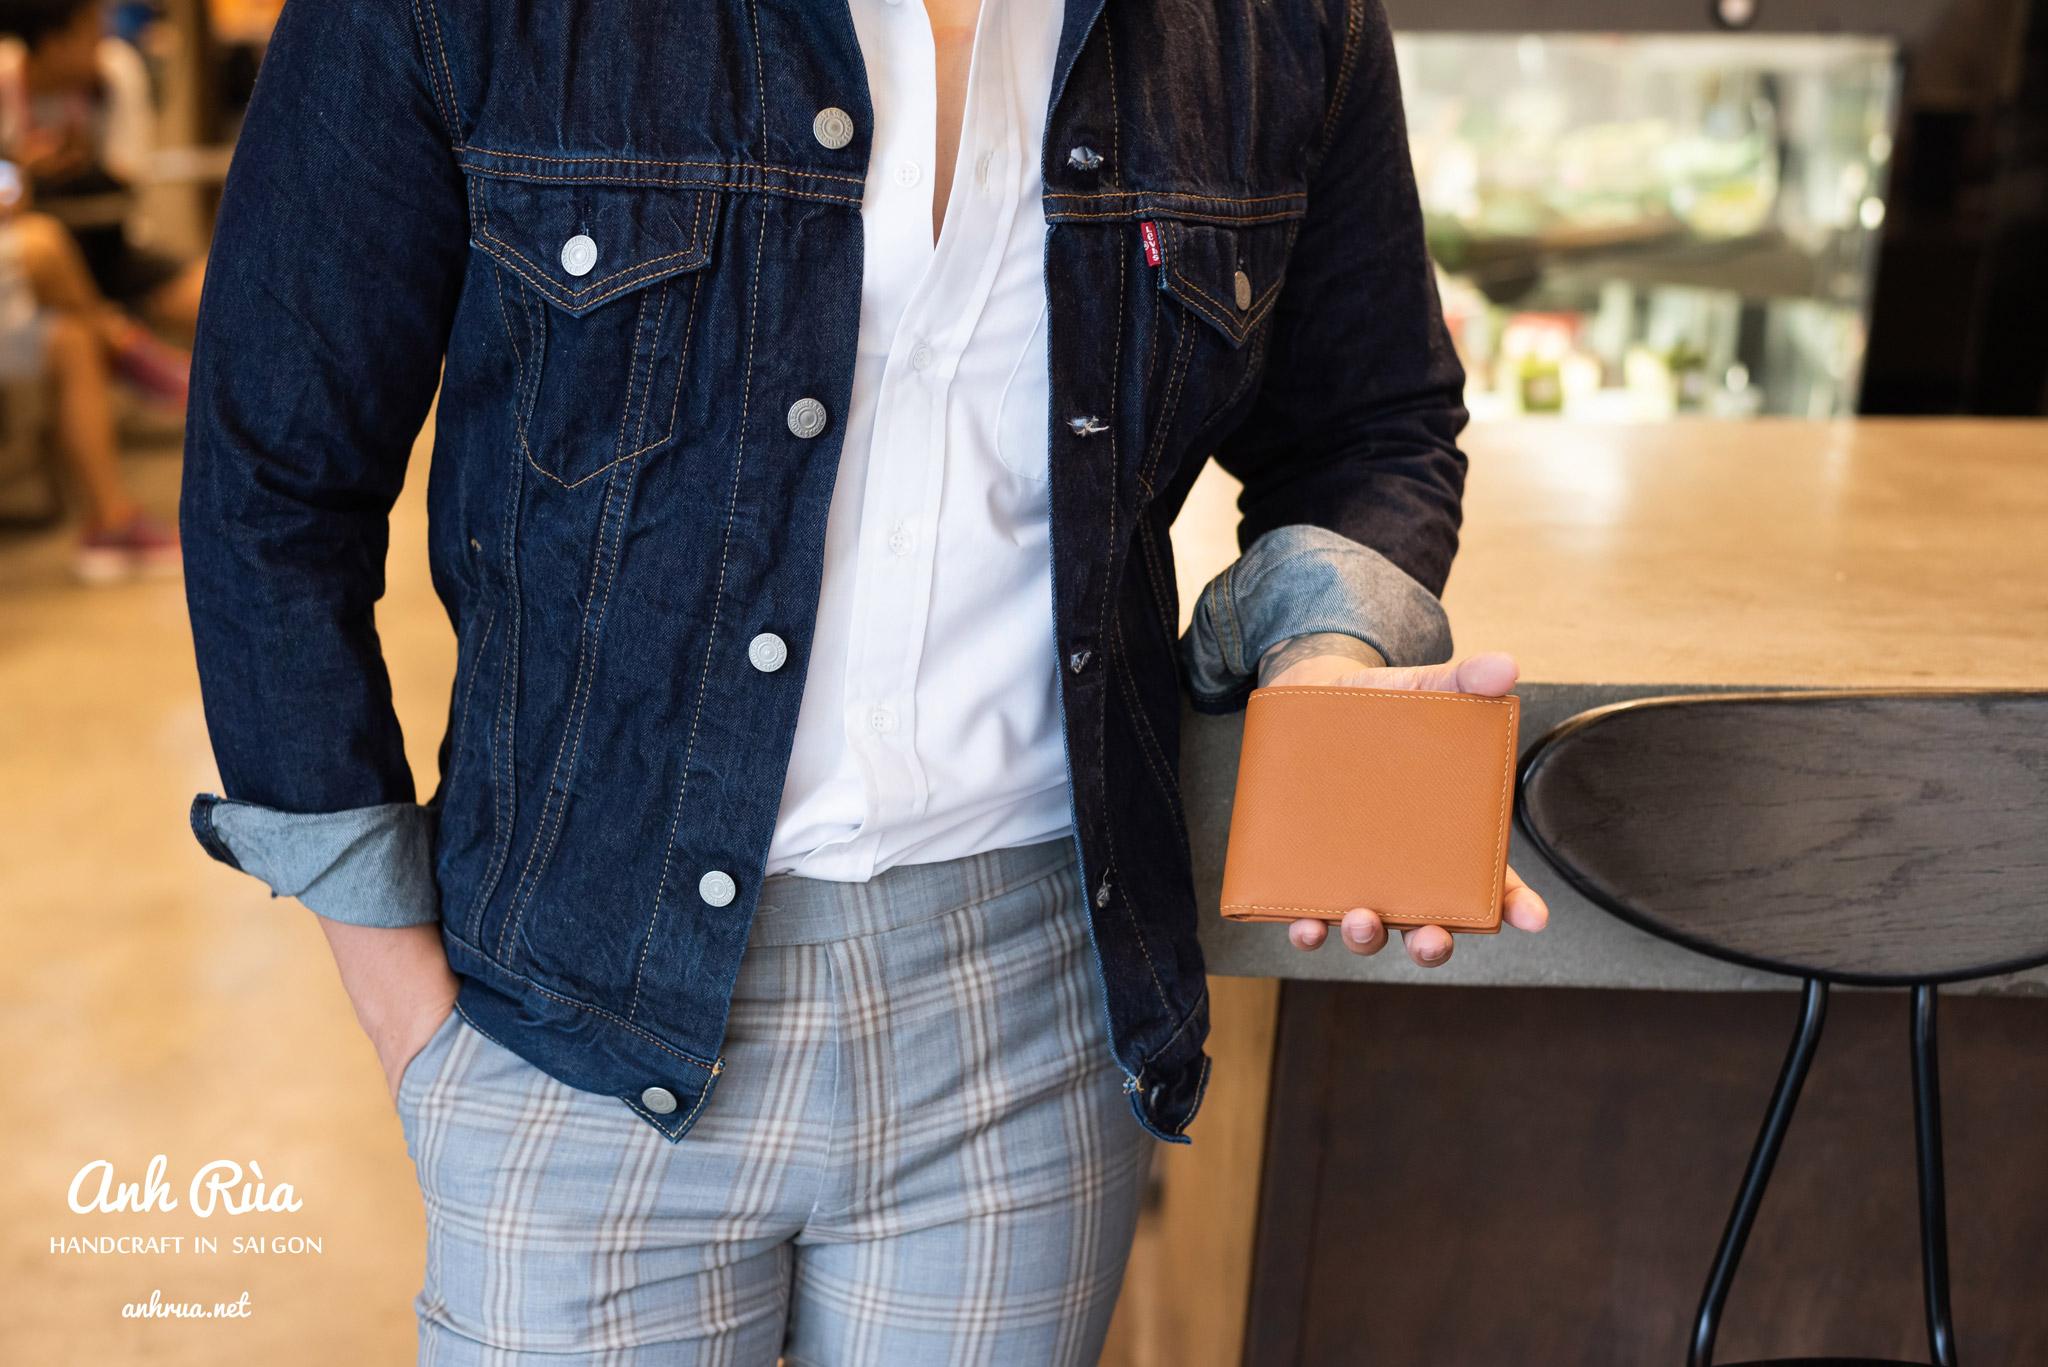 phối giày tây nam với denim jacket